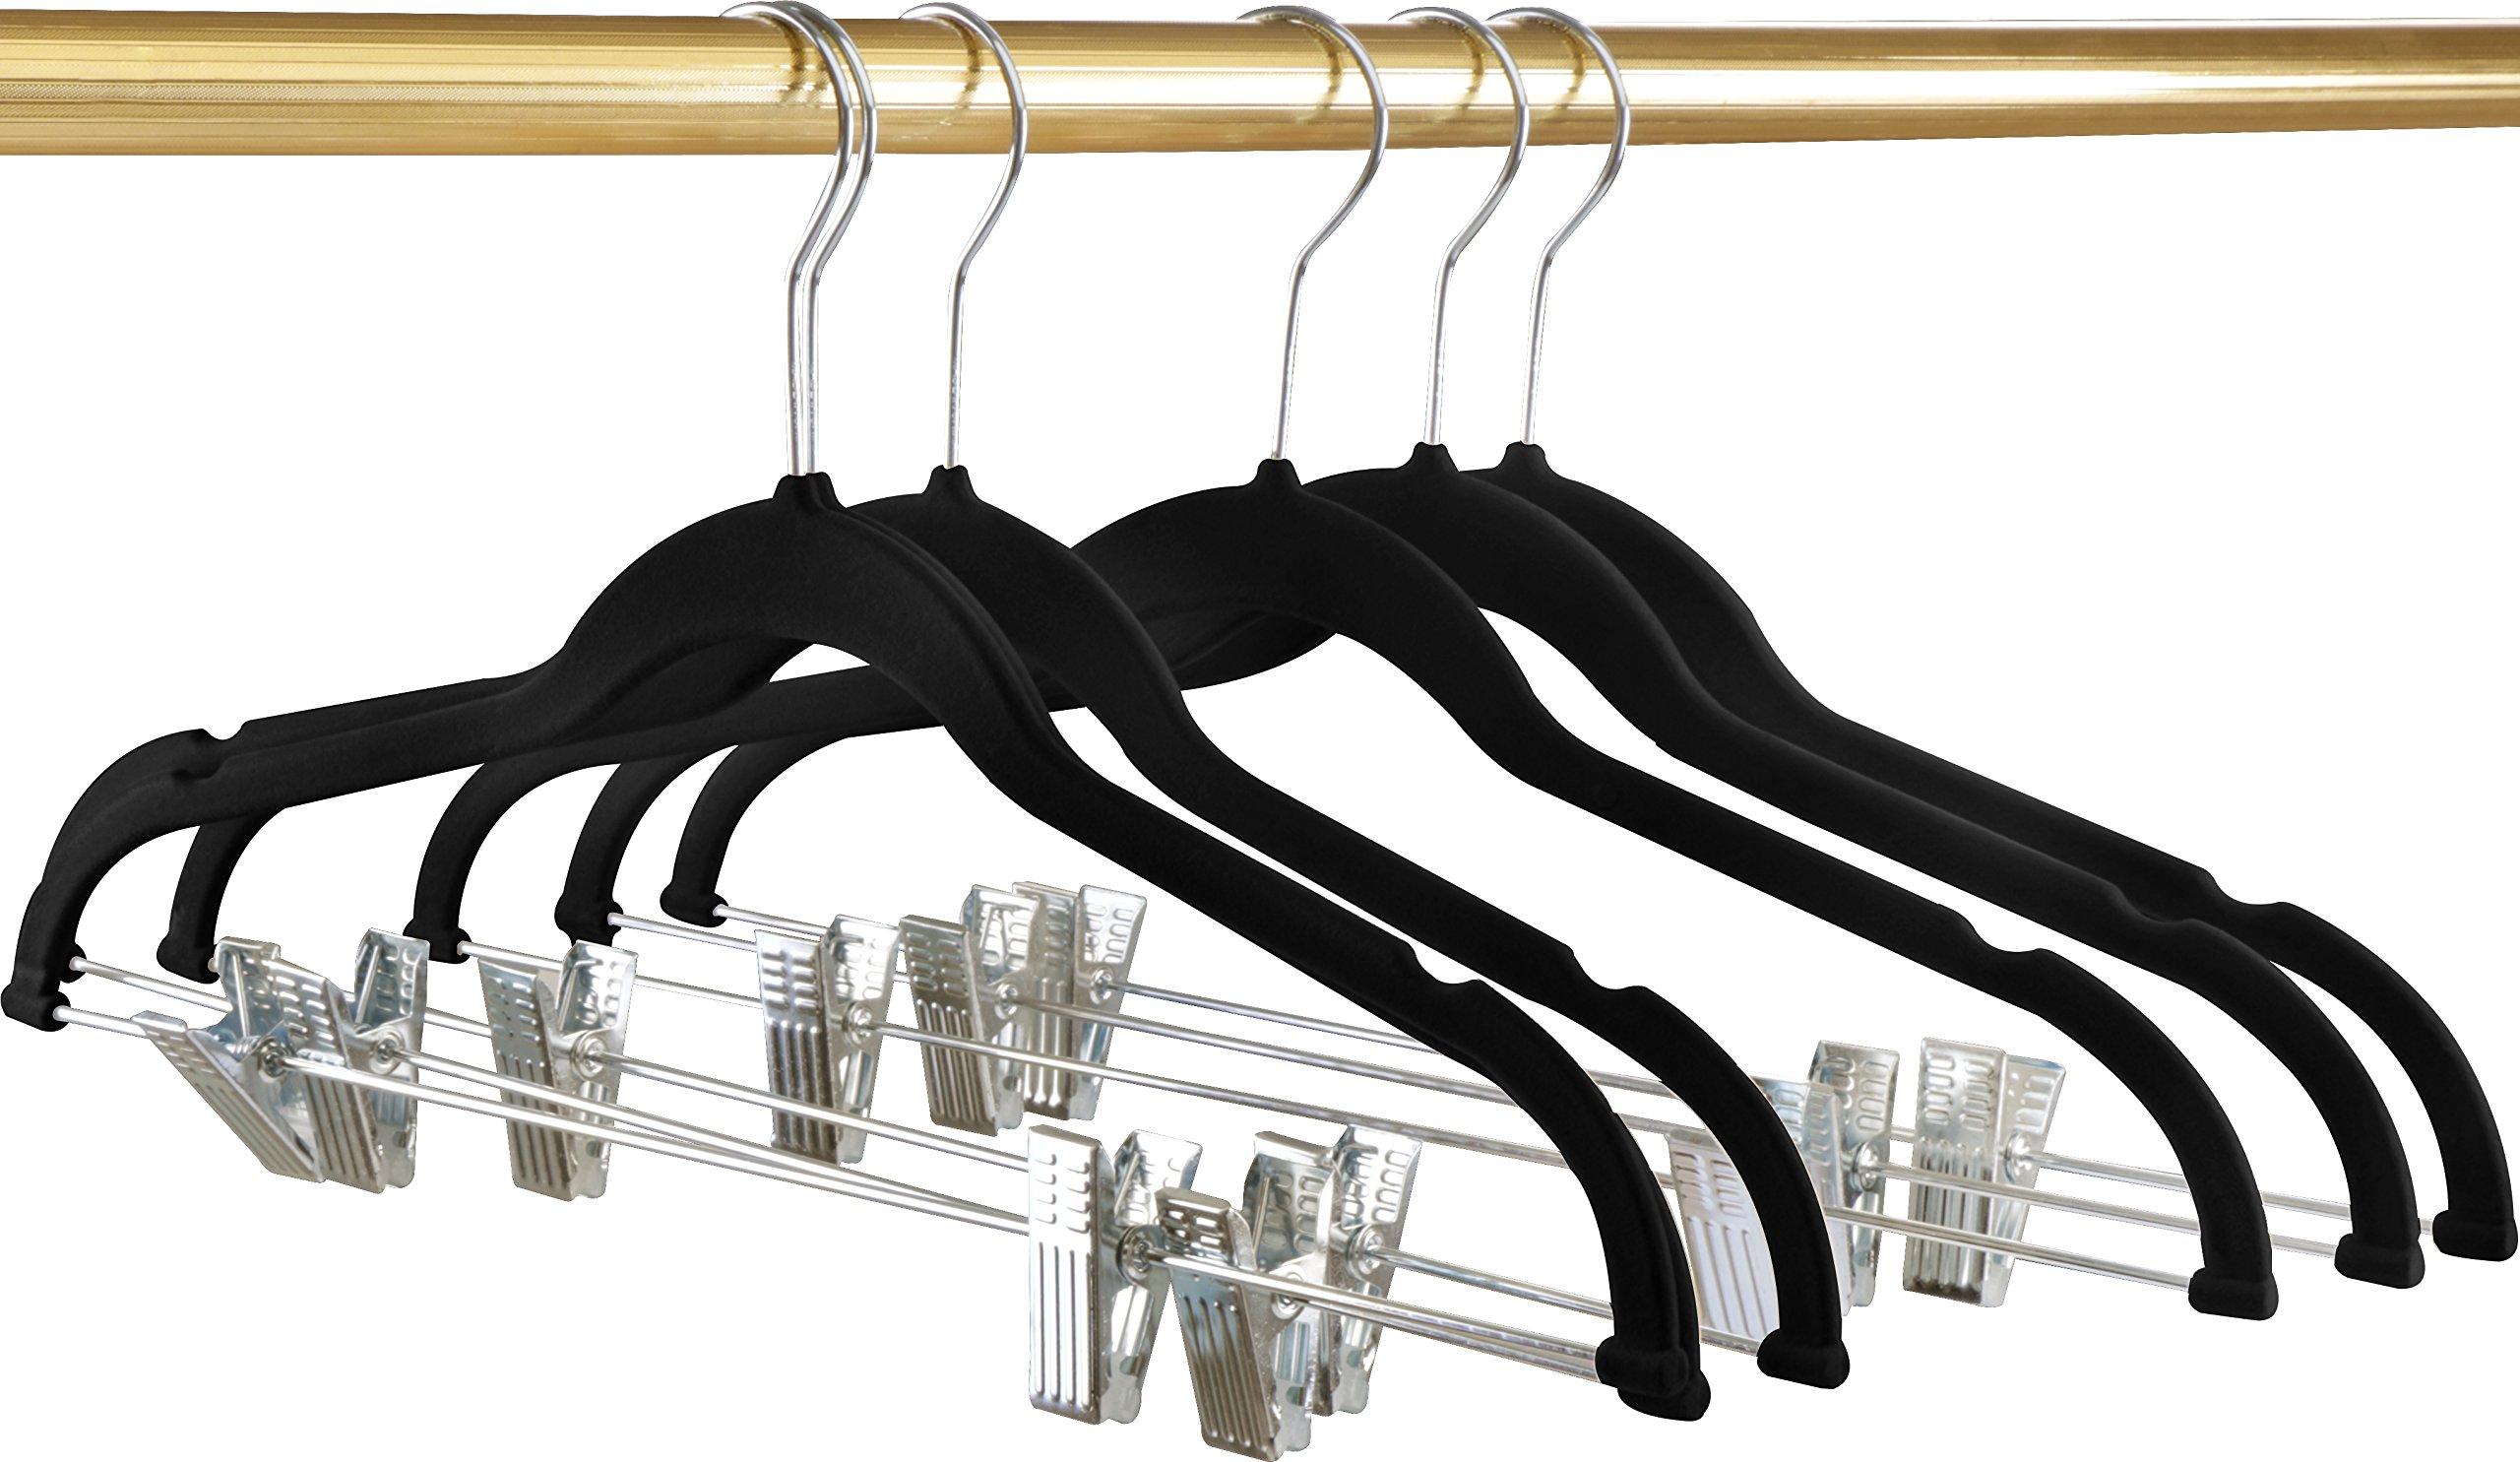 Utopia Home Premium Velvet Hangers - Pack of 12 - Heavy Duty - Non Slip - Velvet Suit Hangers with Clips for Pants or Skirt Hanger - Black by Utopia Home